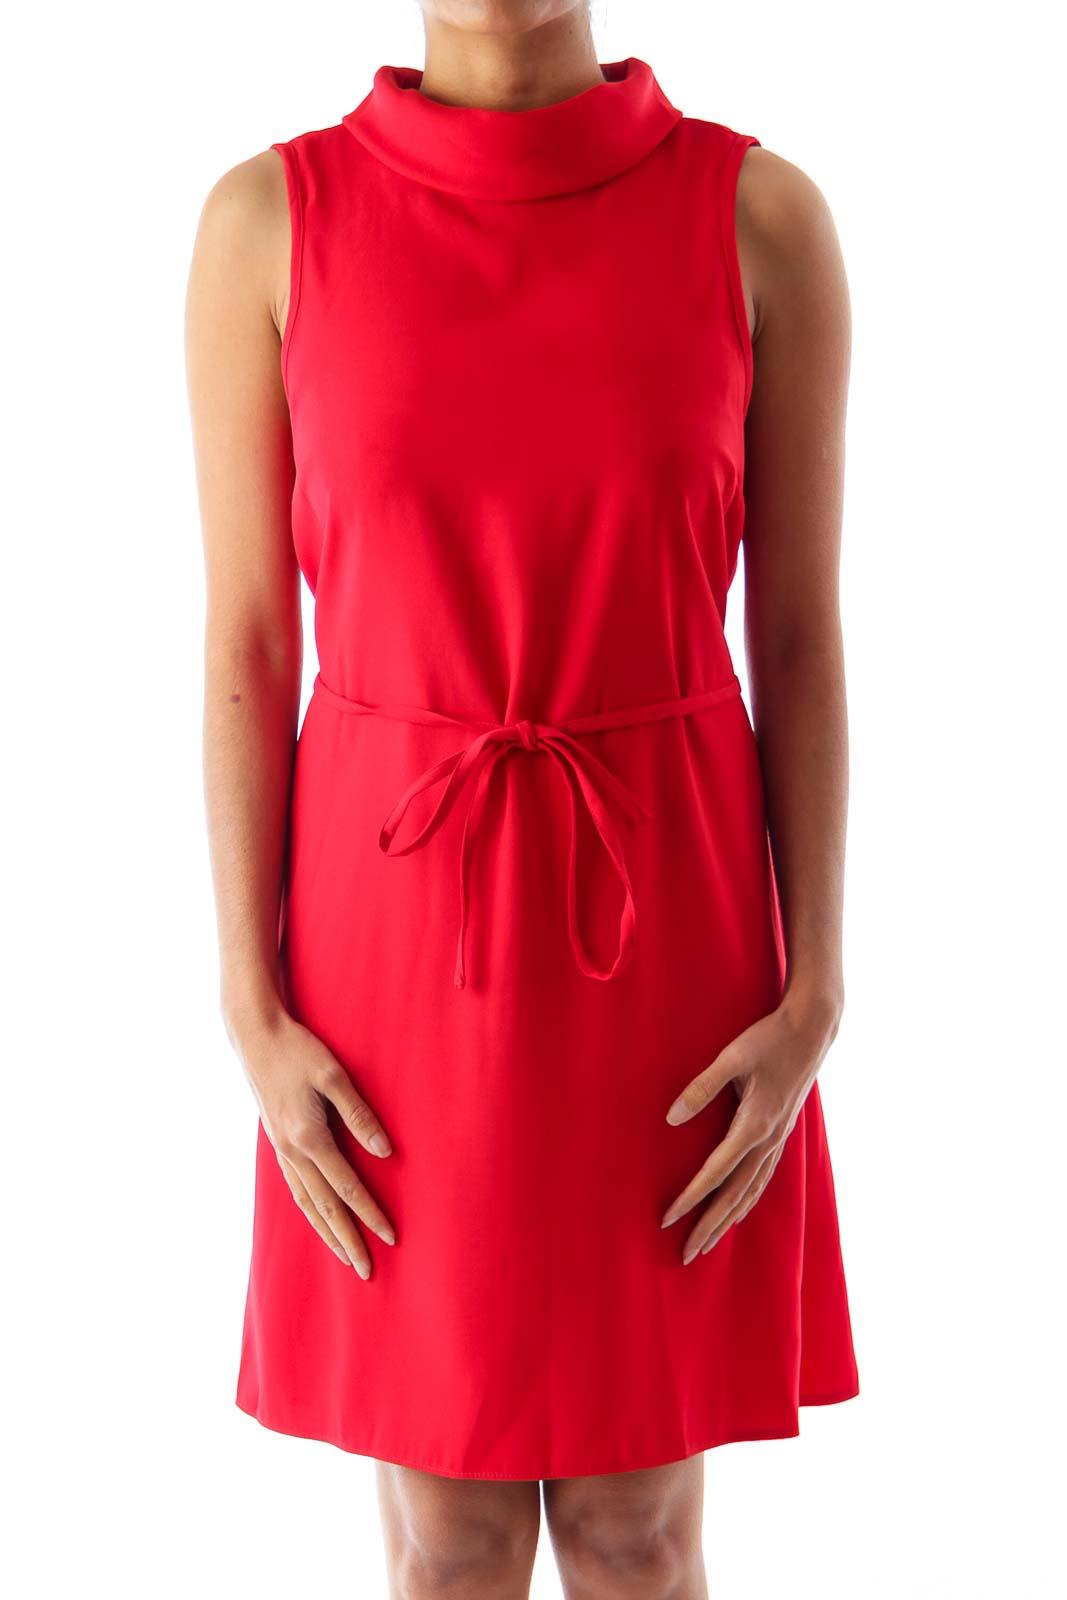 Red Turtleneck Dress Front